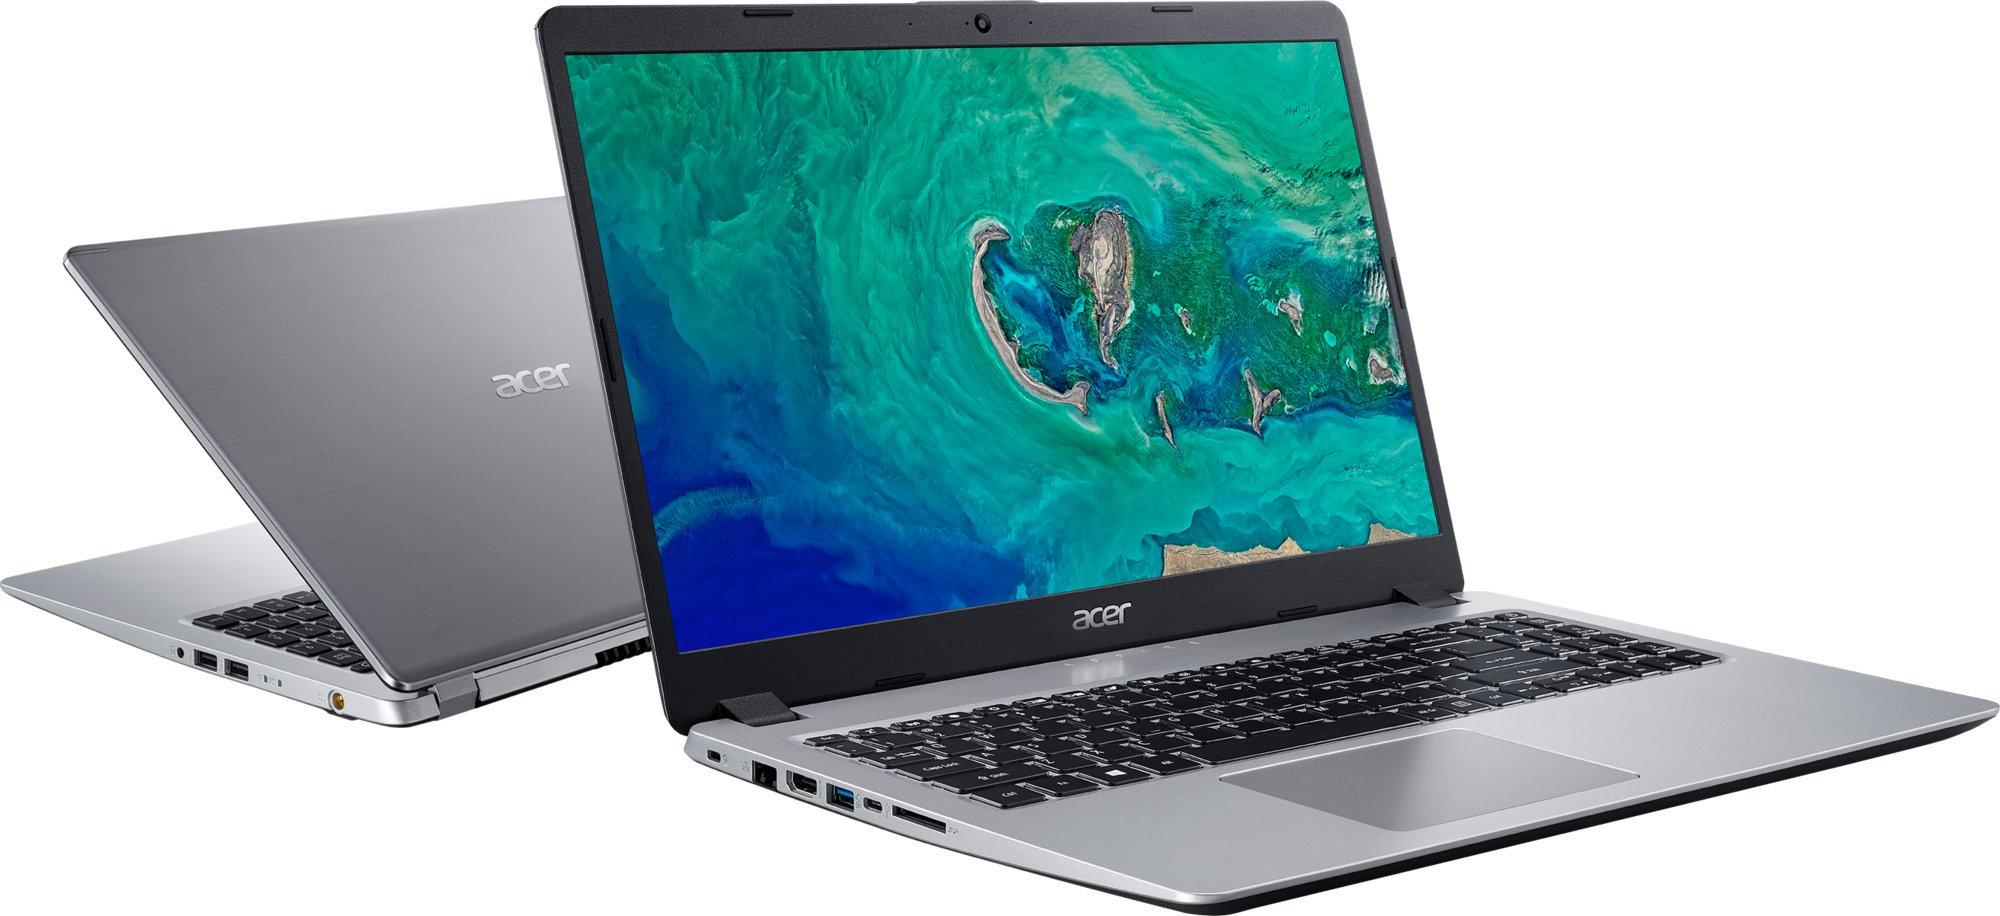 Acer Aspire 5 A515-52G-761B